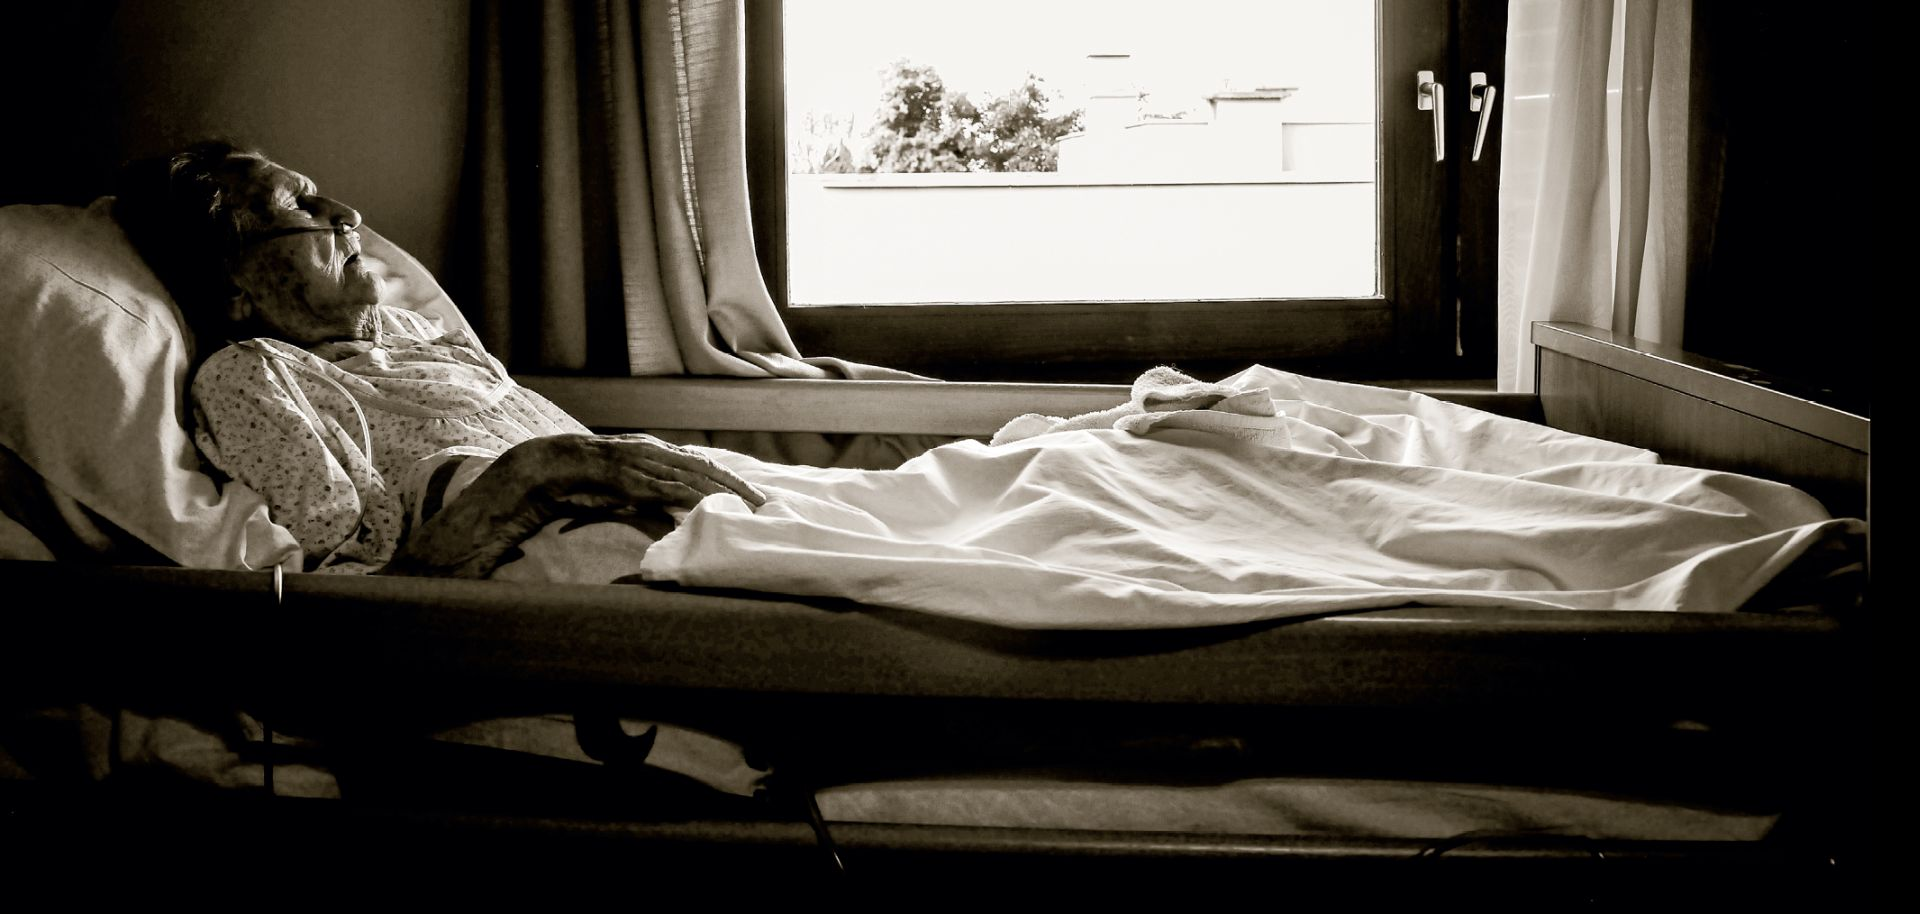 DOSSIER Kako u Hrvatskoj dostojanstveno dočekati smrt